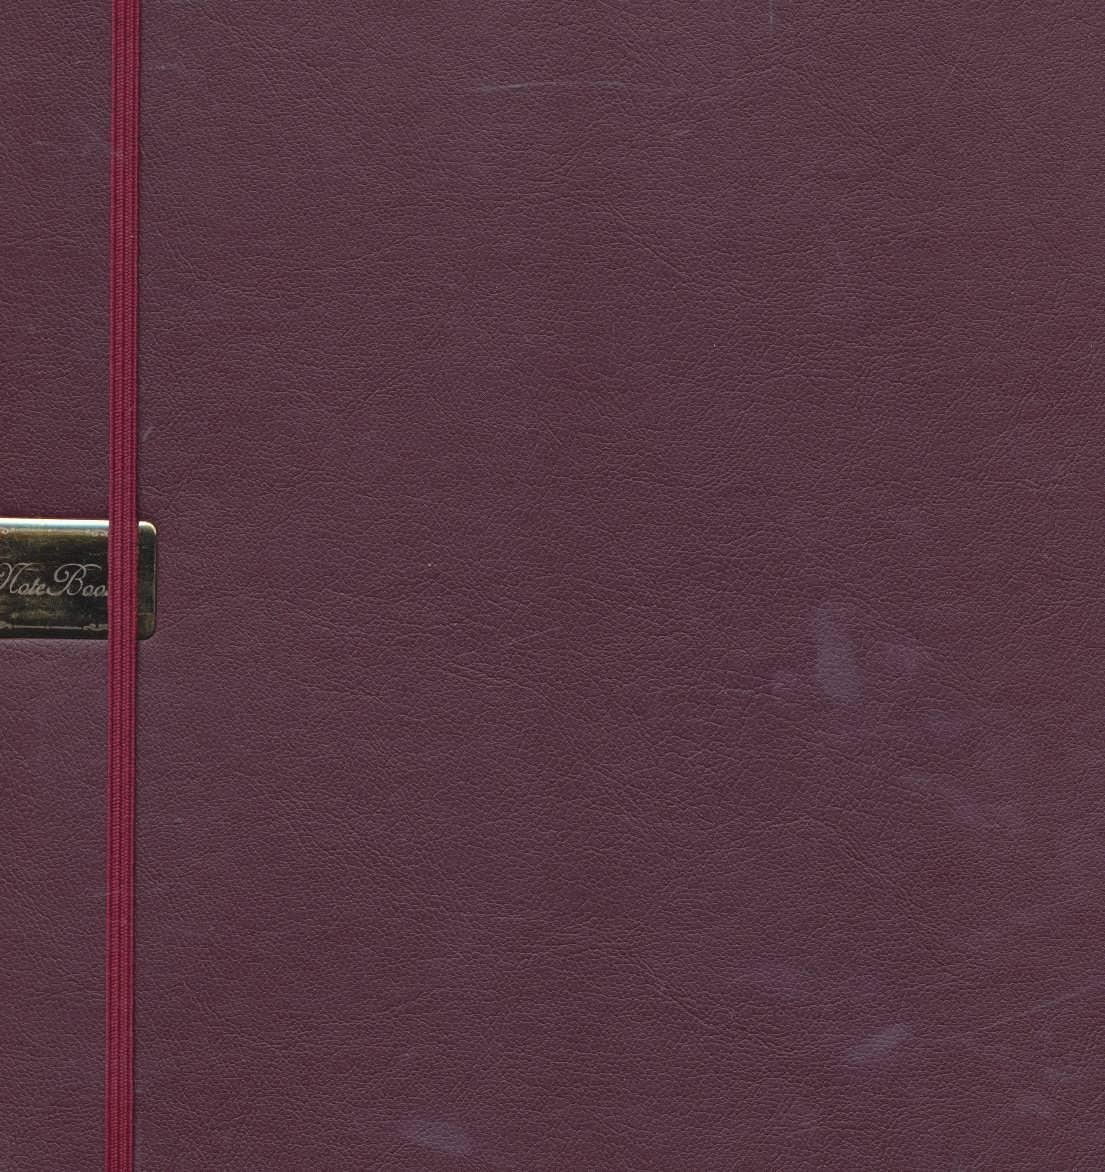 دفتر يادداشت خط دار (6رنگ)،(كشدار،چرم)